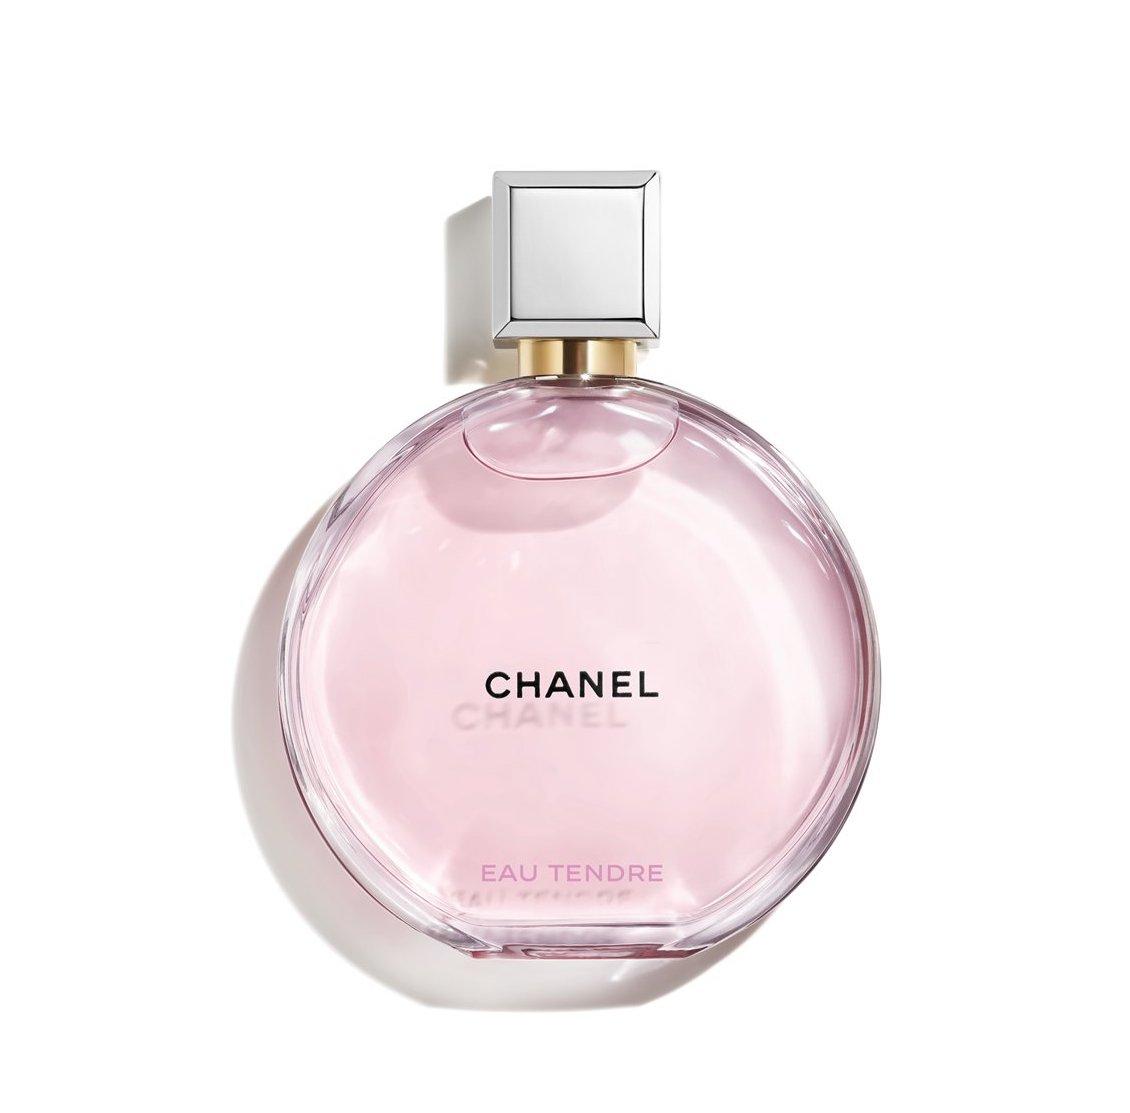 24 01 2018 - TOP 4 de nos parfums préférés pour le 14 février ... e5fc8a9e7fa